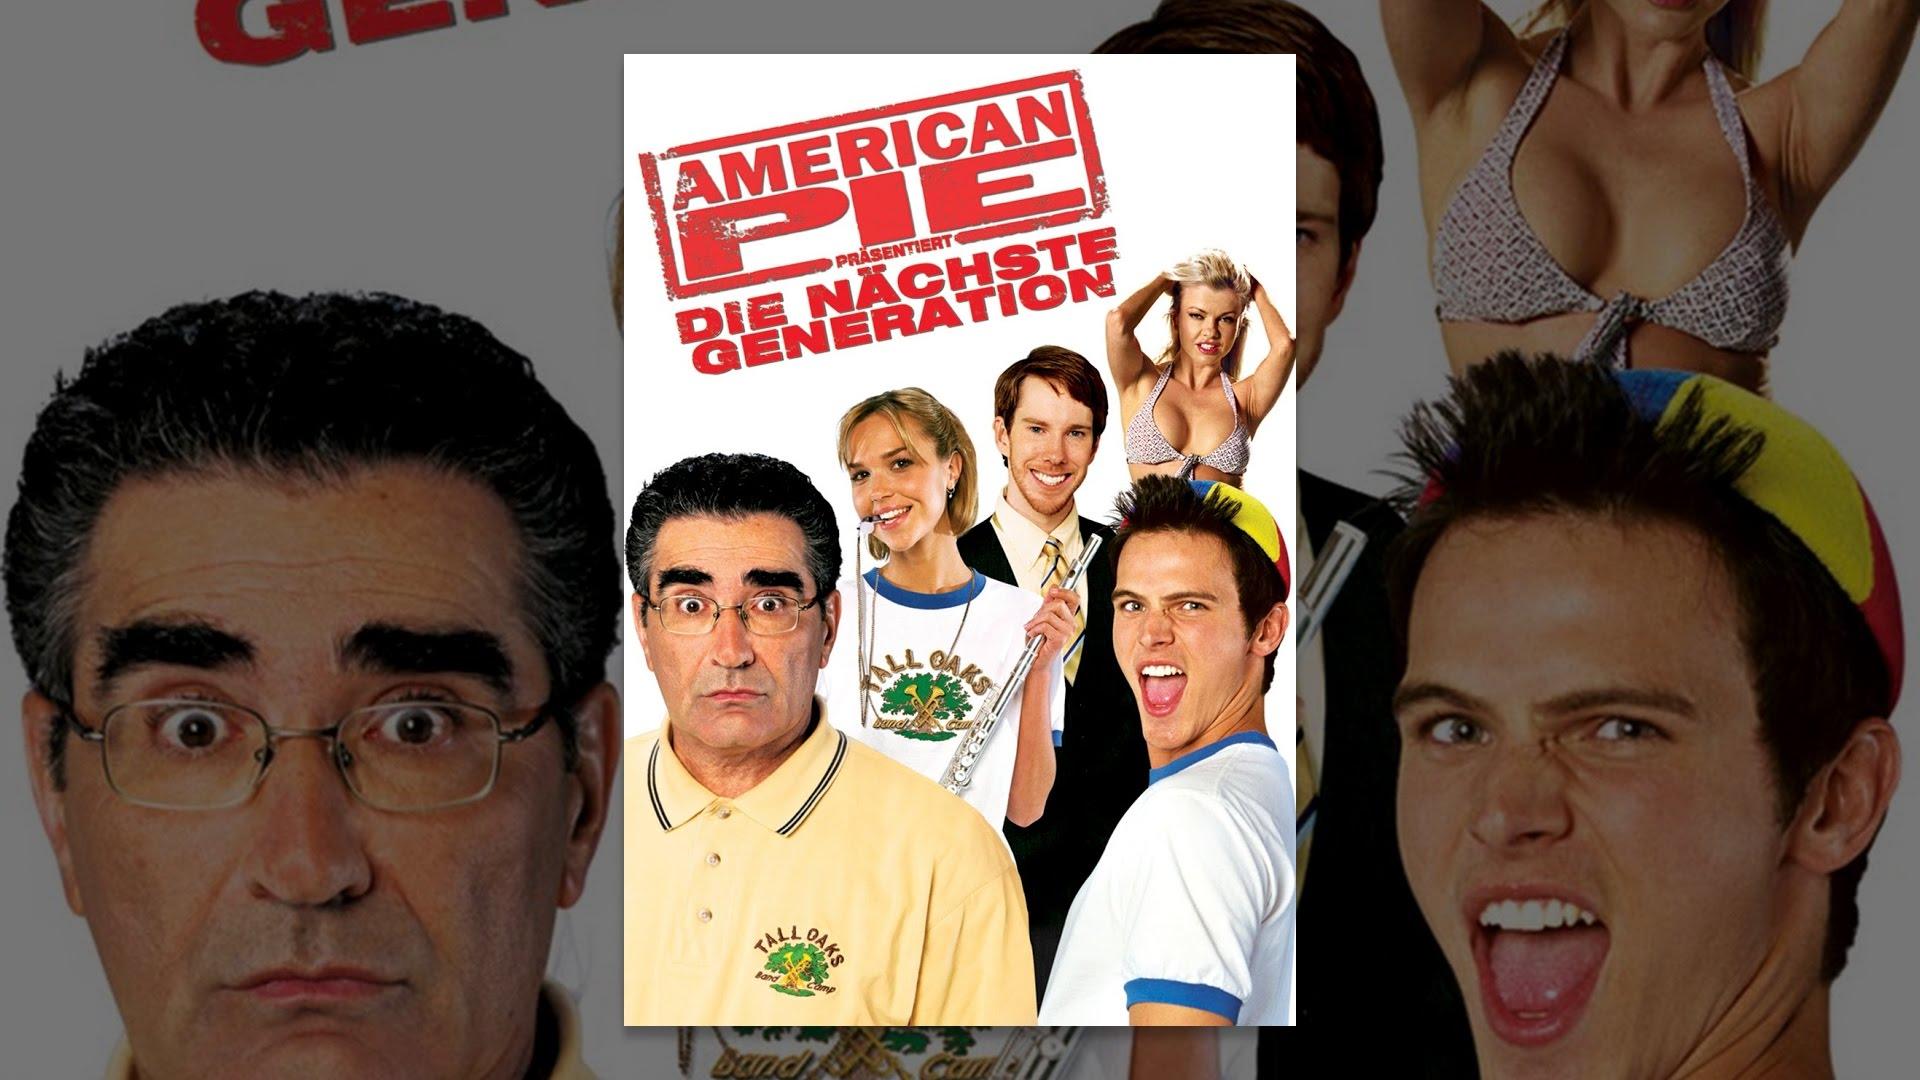 American Pie Die Nächste Generation